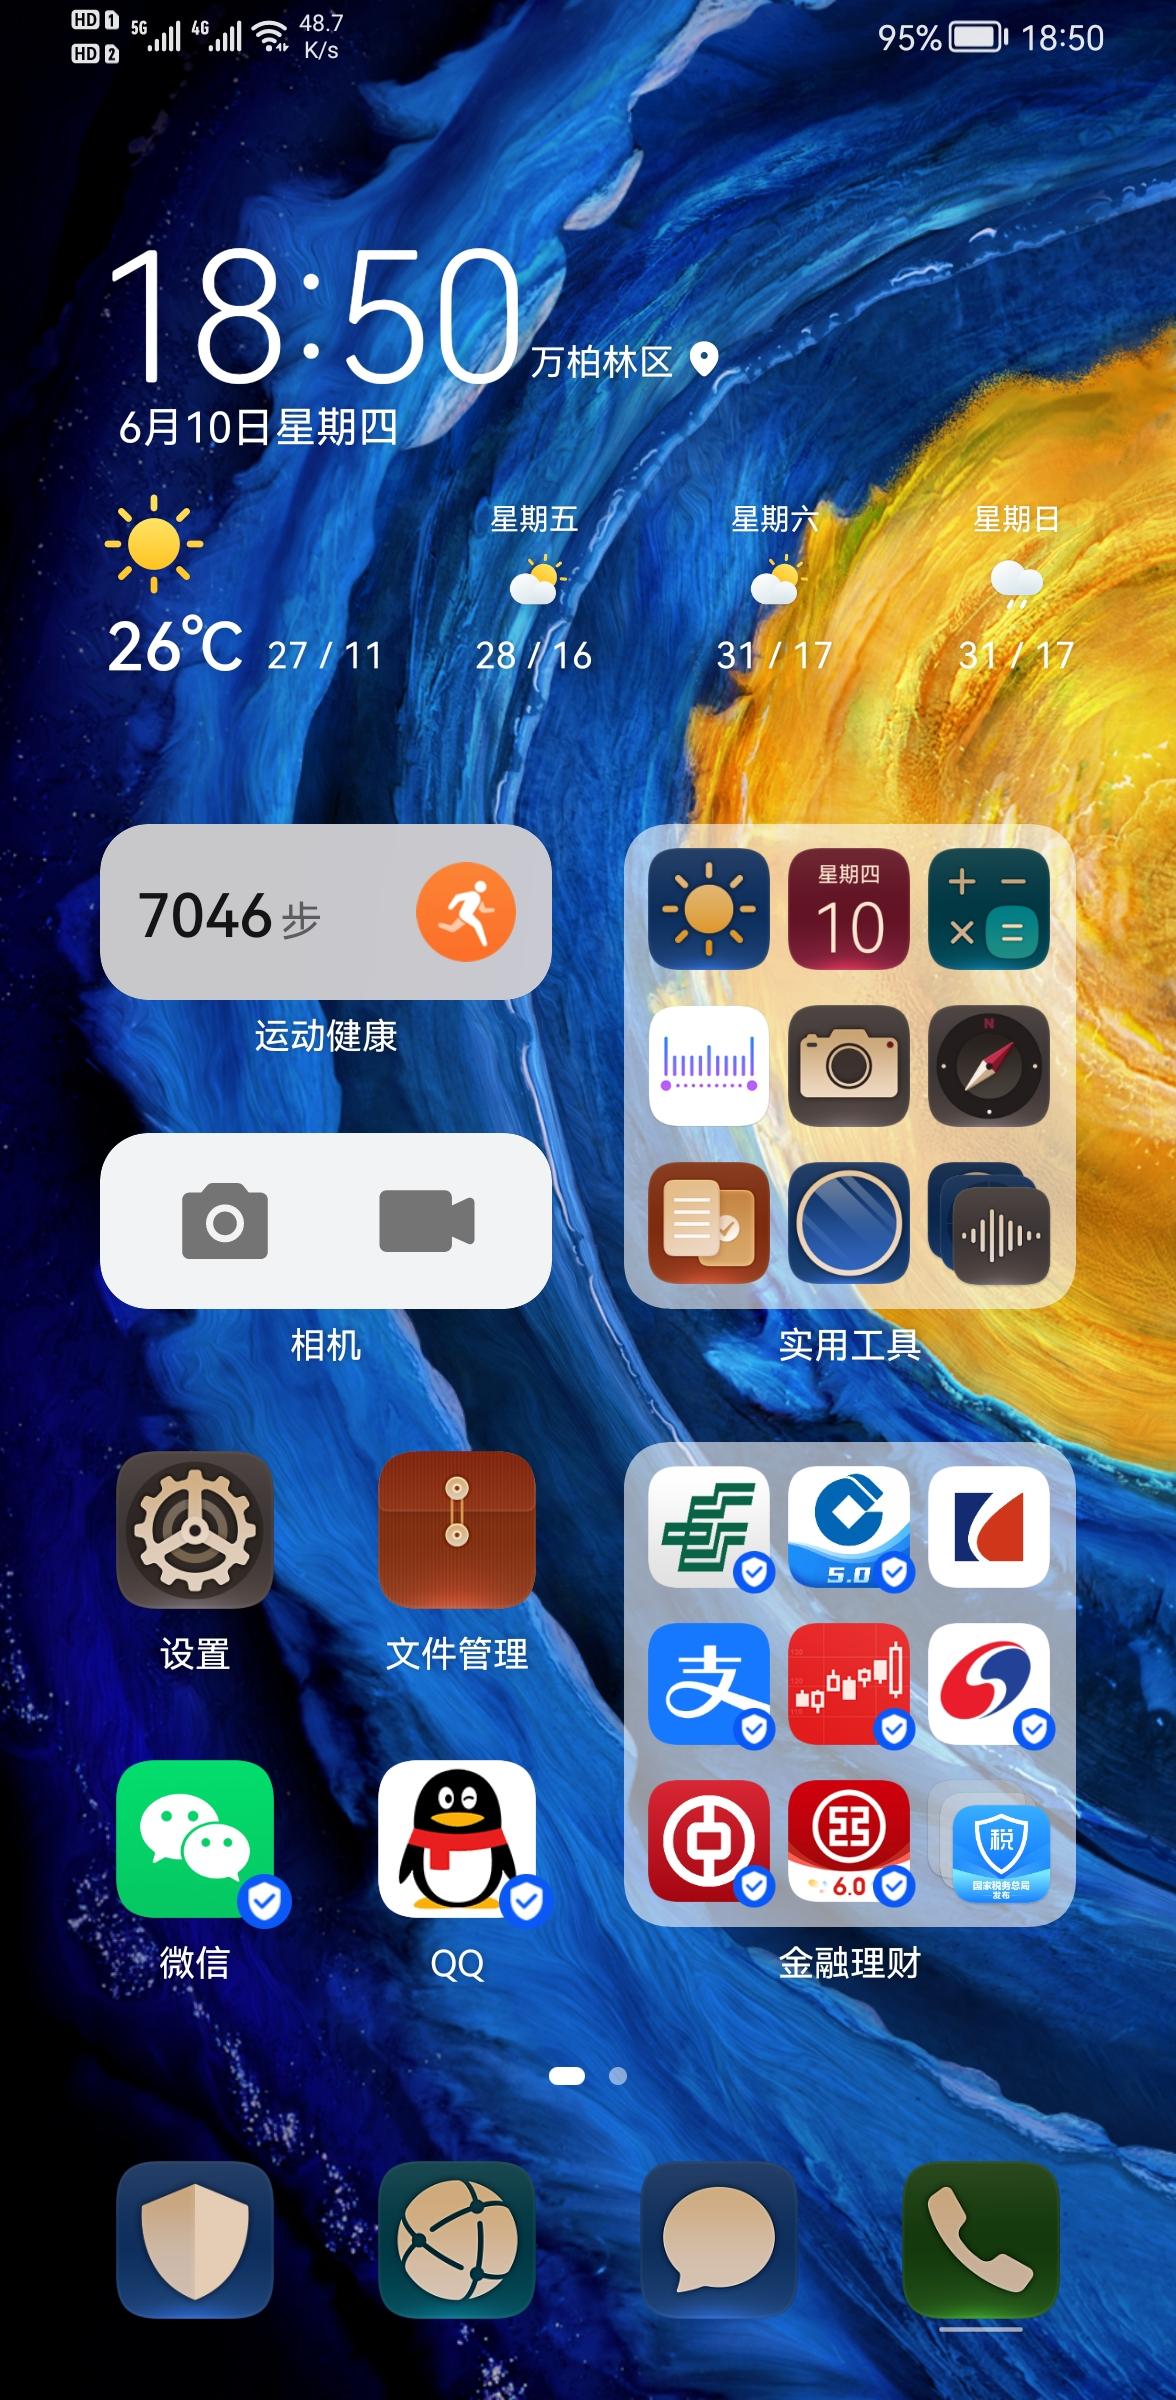 Screenshot_20210610_185002_com.huawei.android.launcher.jpg